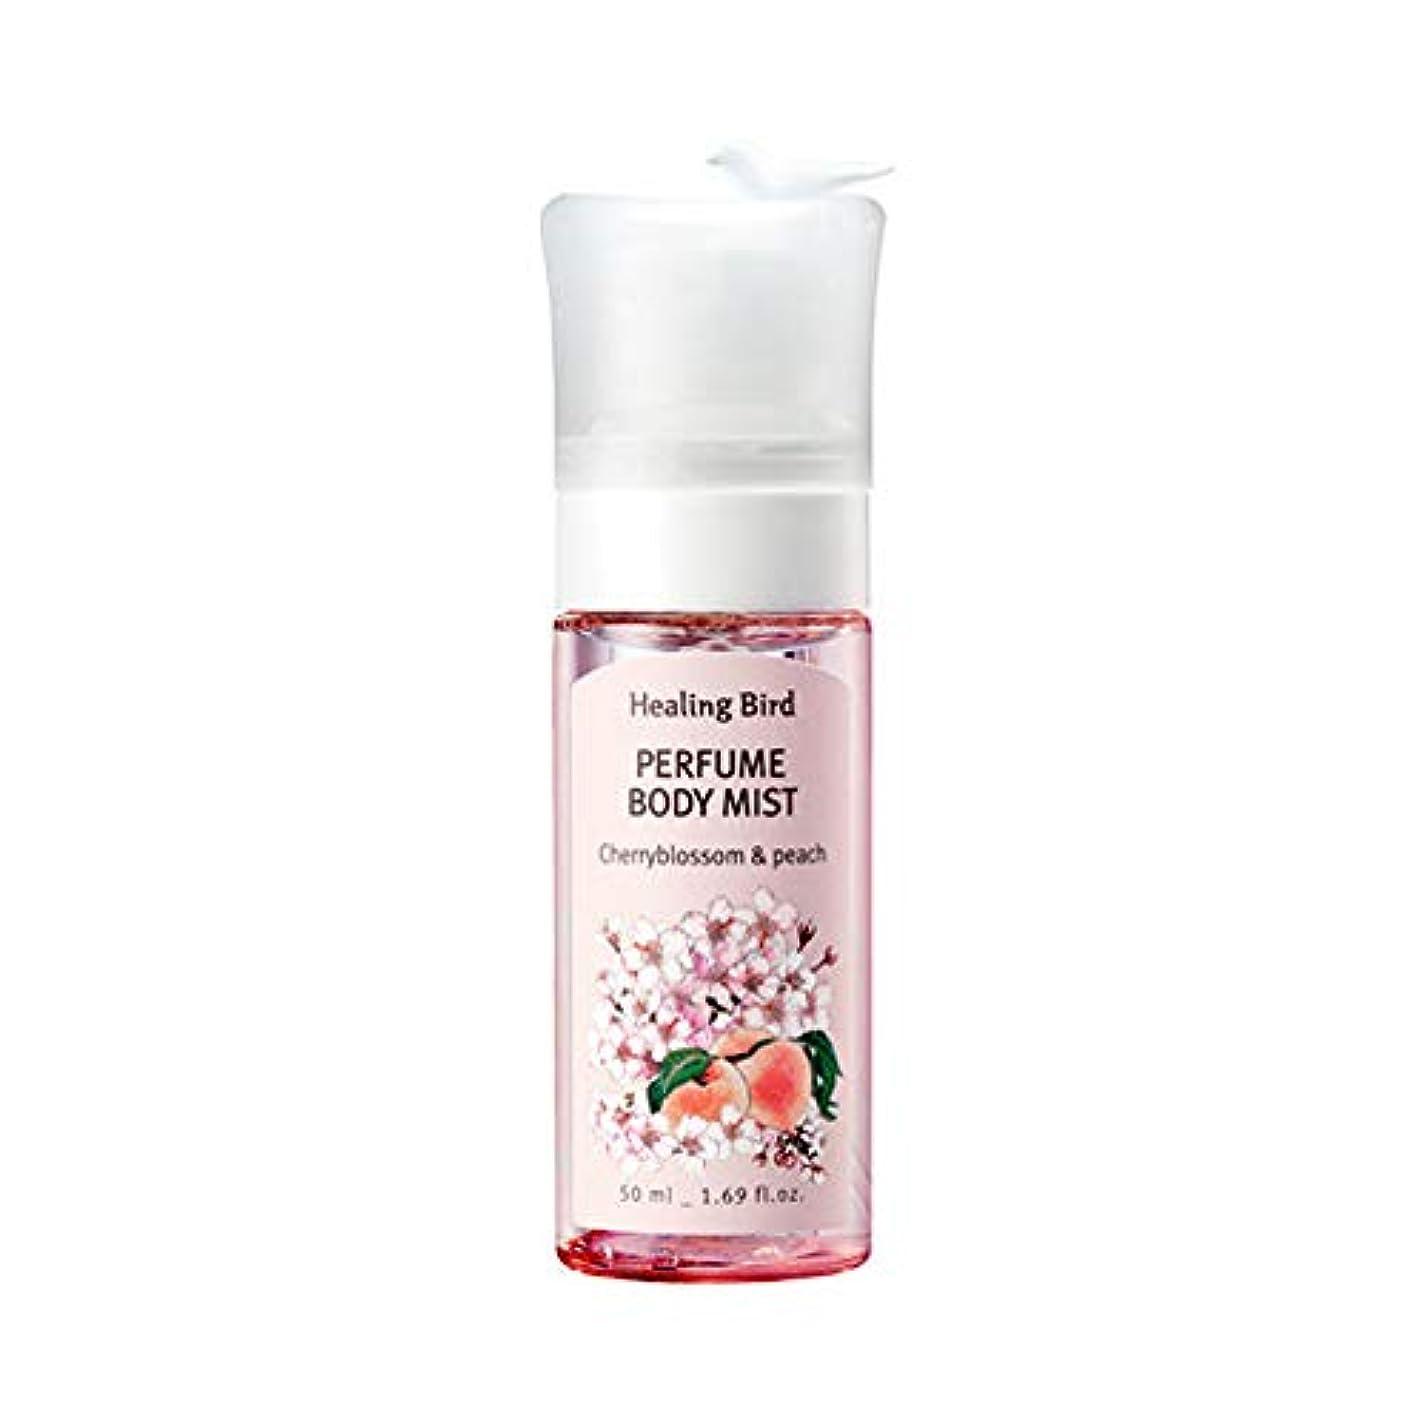 契約垂直ソファーHealing Bird Perfume Body Mist 50ml パヒュームボディミスト (Cherry Blossom & Peach) [並行輸入品]